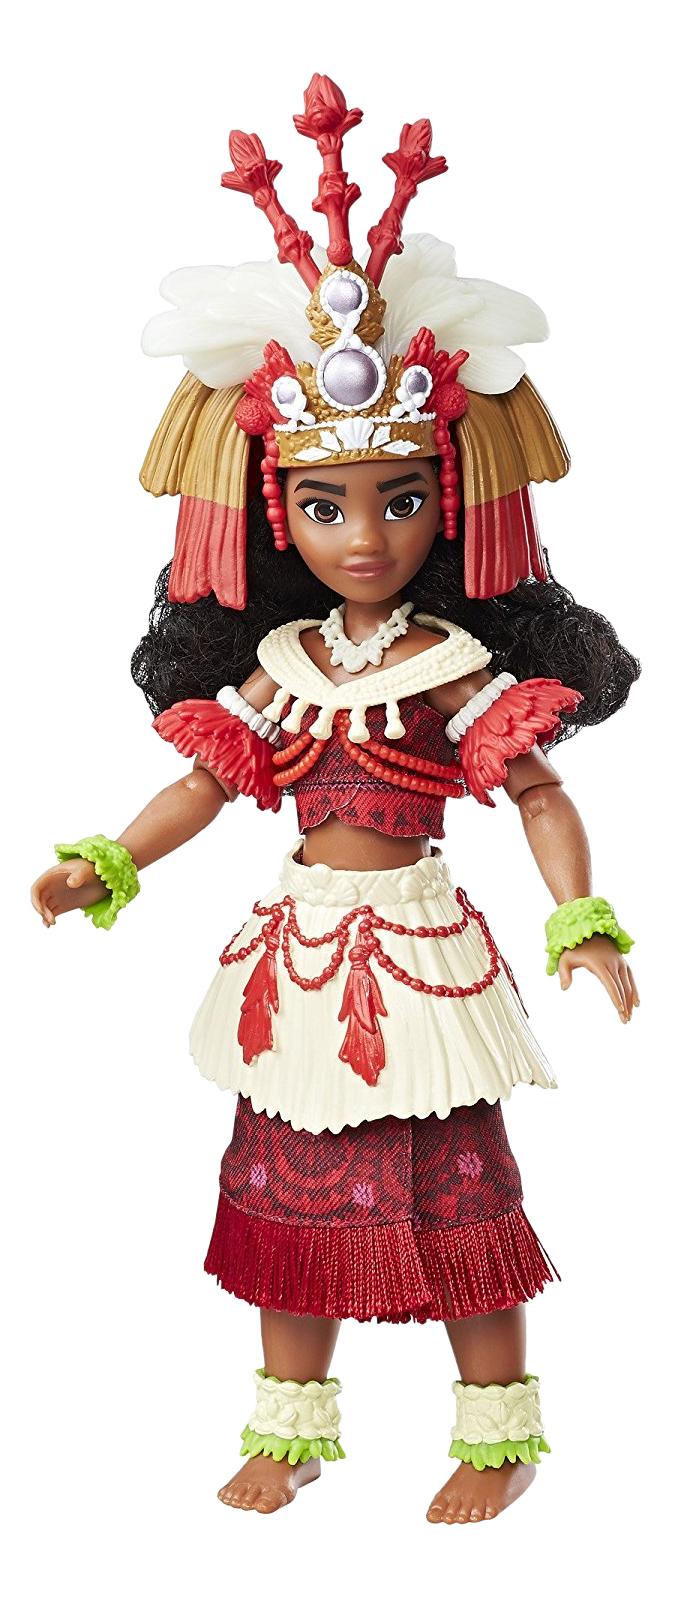 Купить Моана. Церемониальное платье, Кукла Disney Моана. Церемониальное платье, Disney Princess, Классические куклы